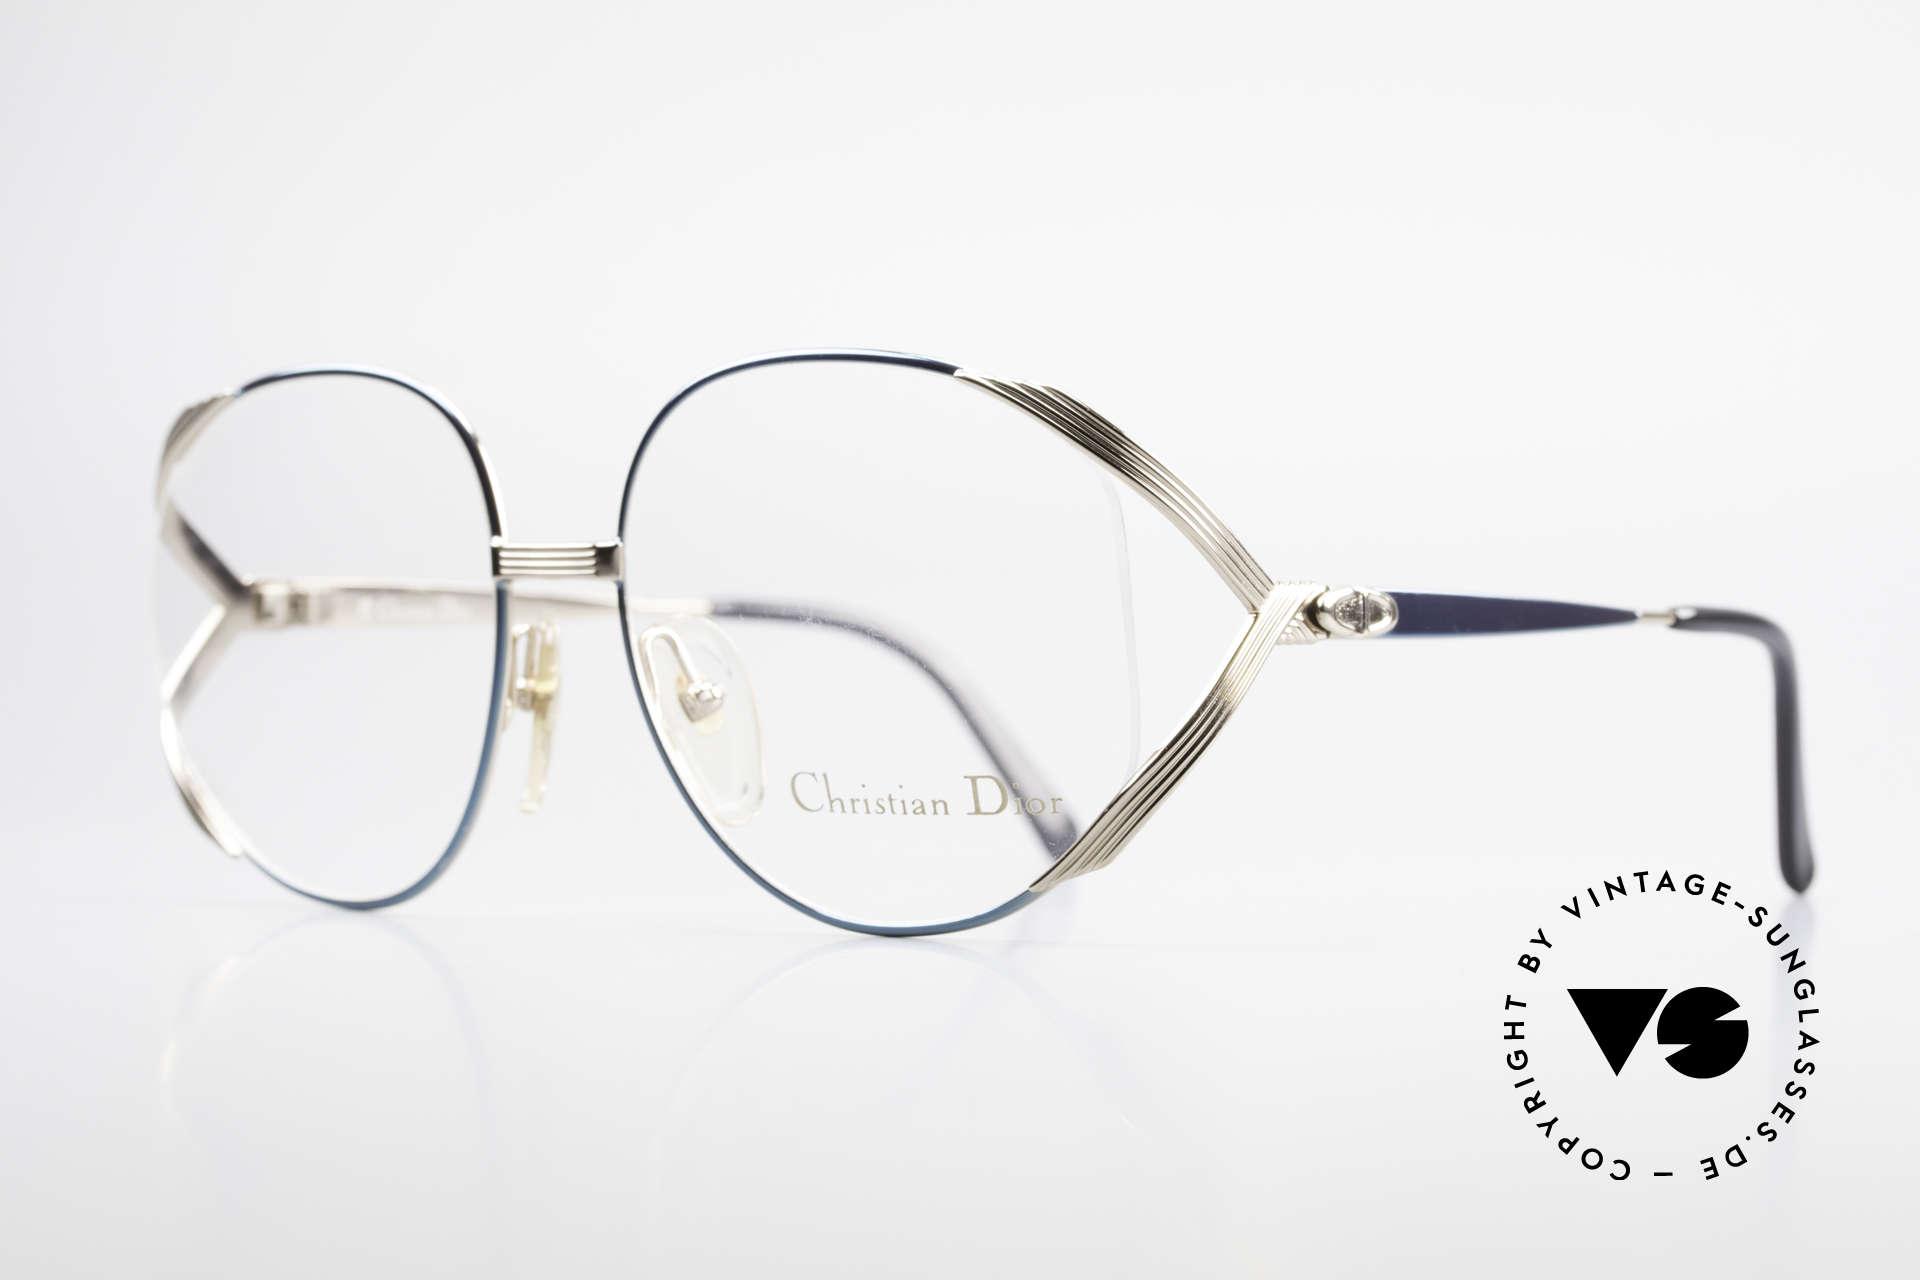 Christian Dior 2387 Damen Vintage Brille Rarität, vergoldeter Rahmen & Kolorierung in petrol-grün, Passend für Damen